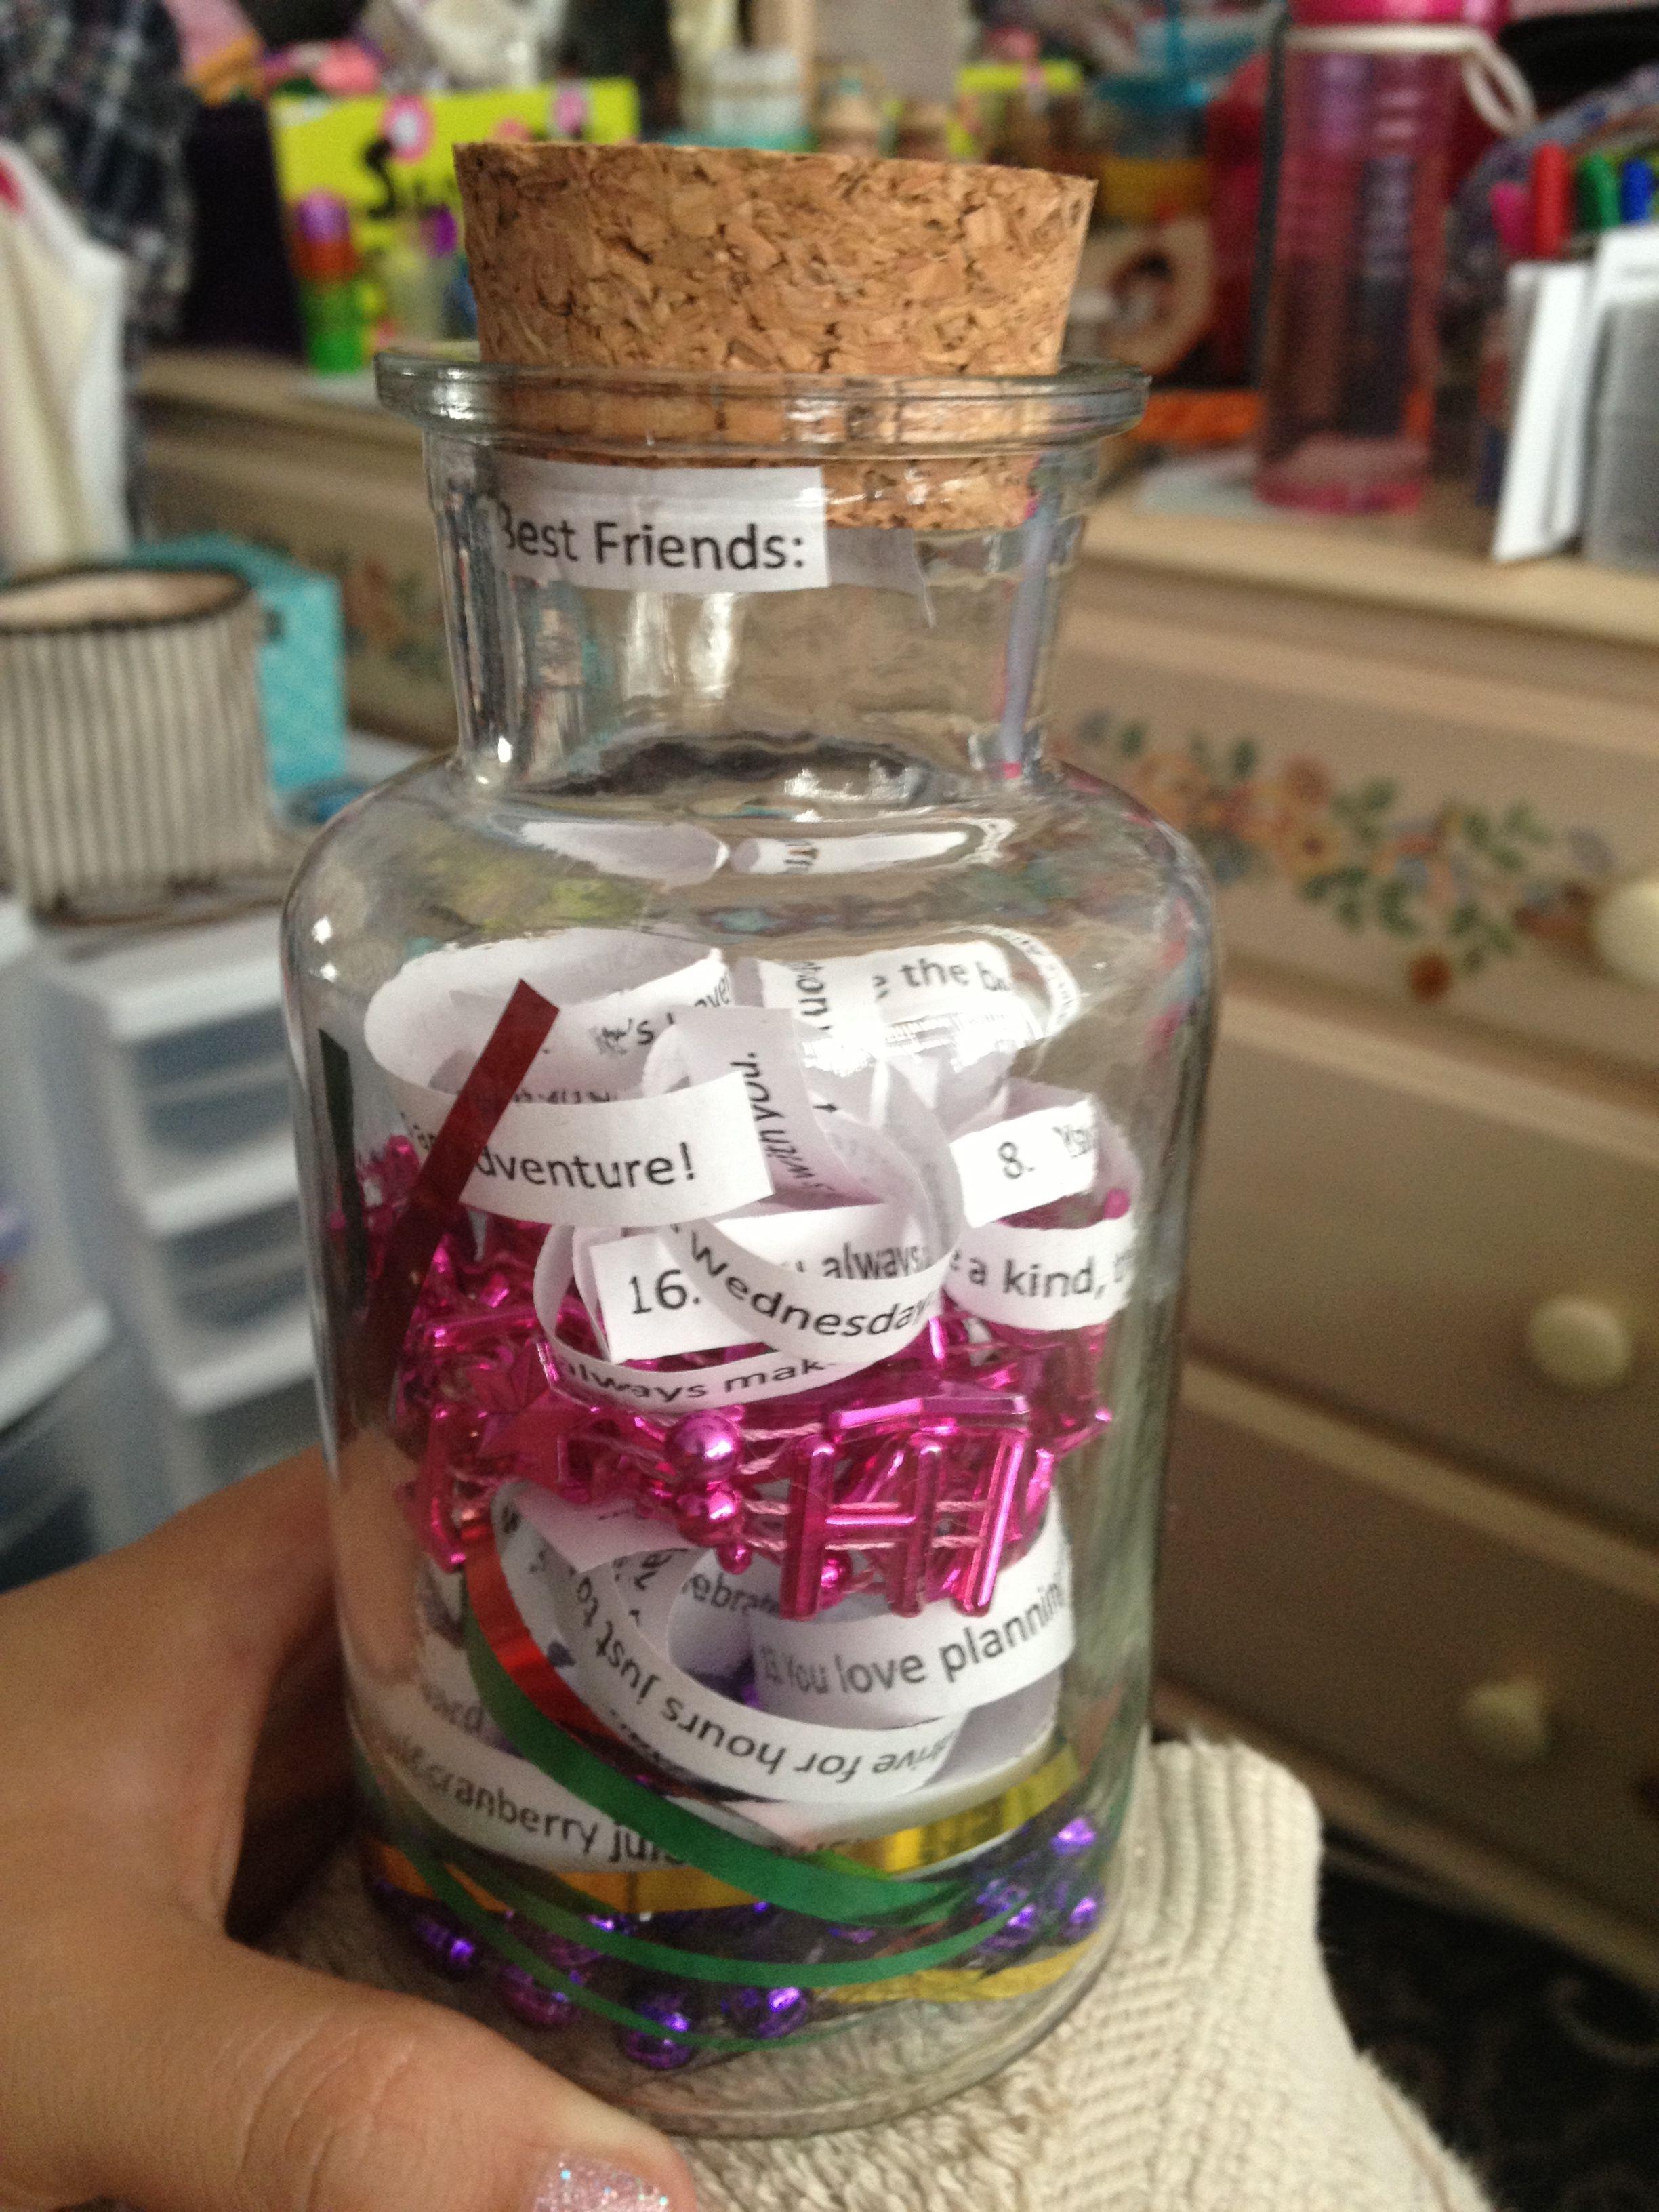 22 reasons youre my best friend in a corked glass bottle